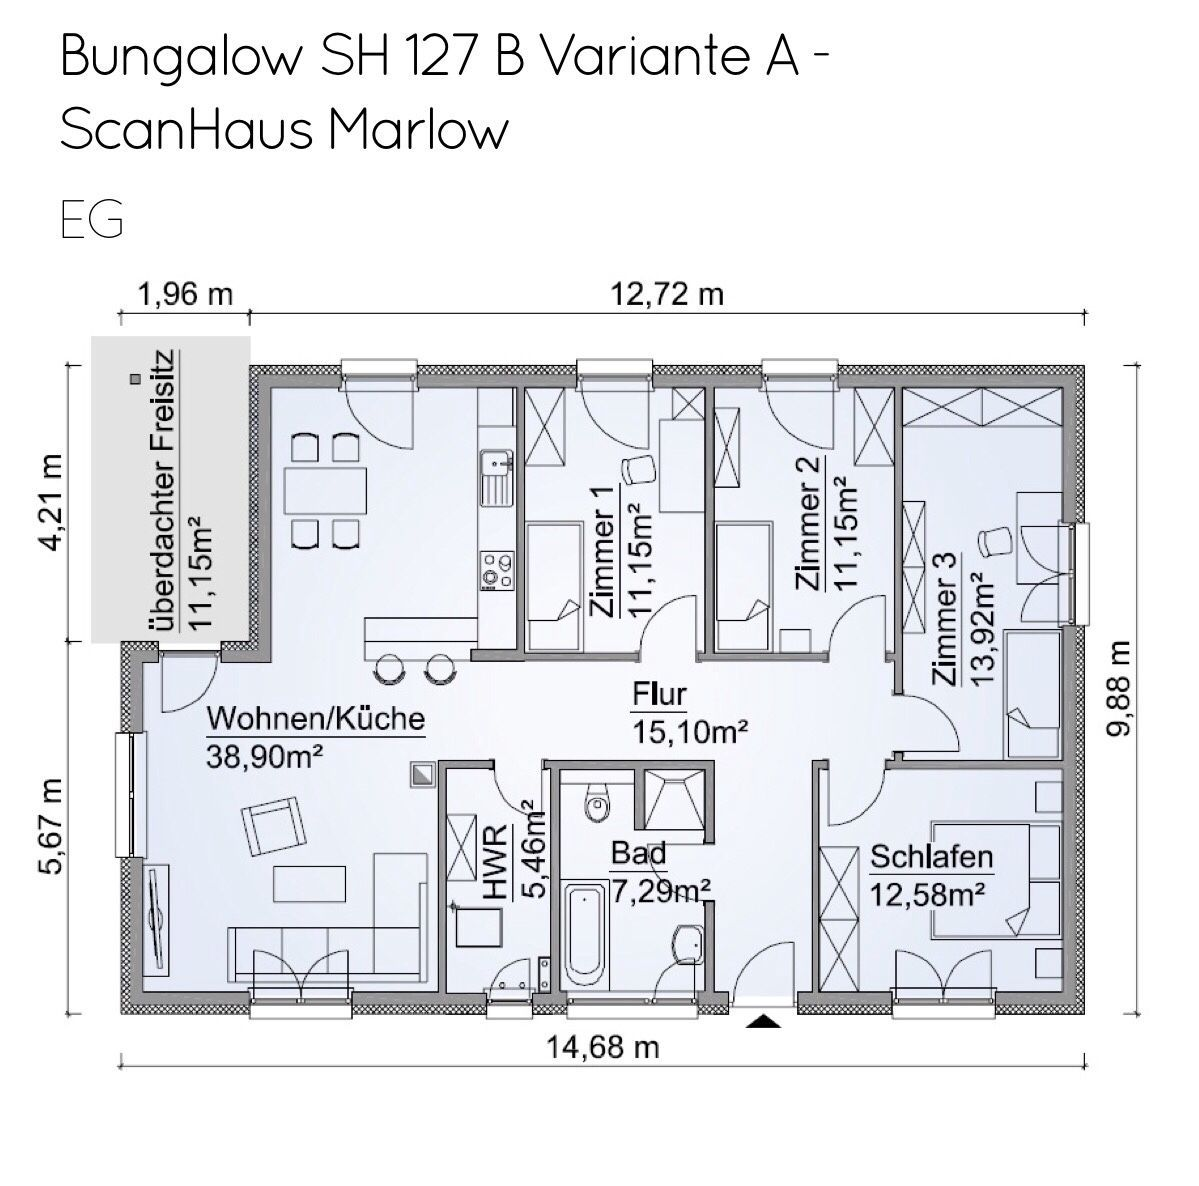 Grundriss Bungalow Barrierefrei Mit Walmdach Architektur